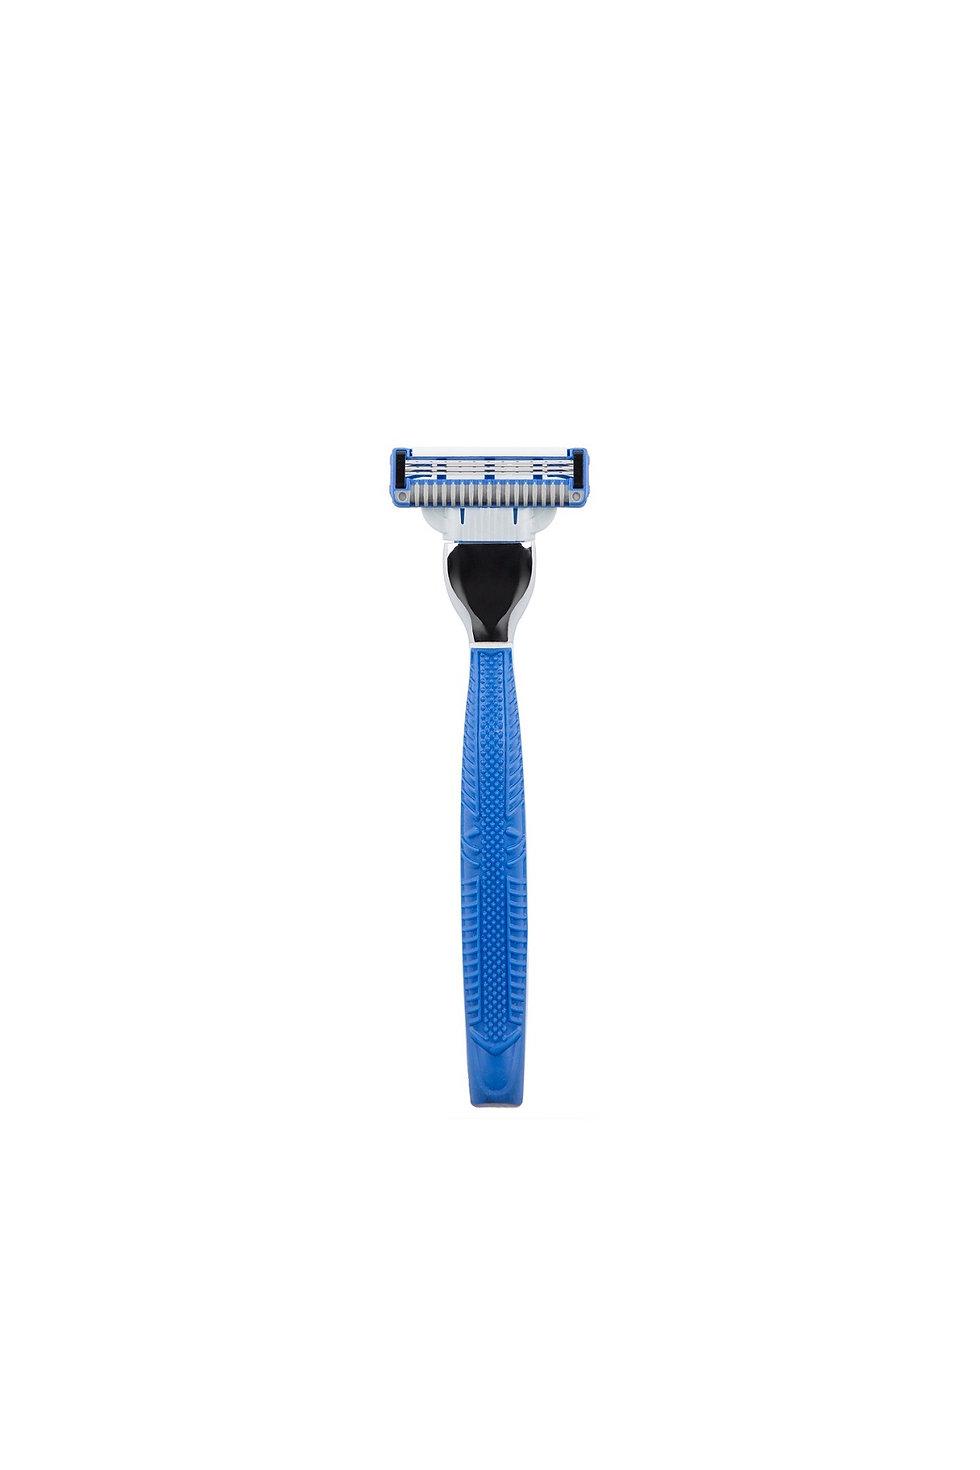 3 blade razor manufacturer